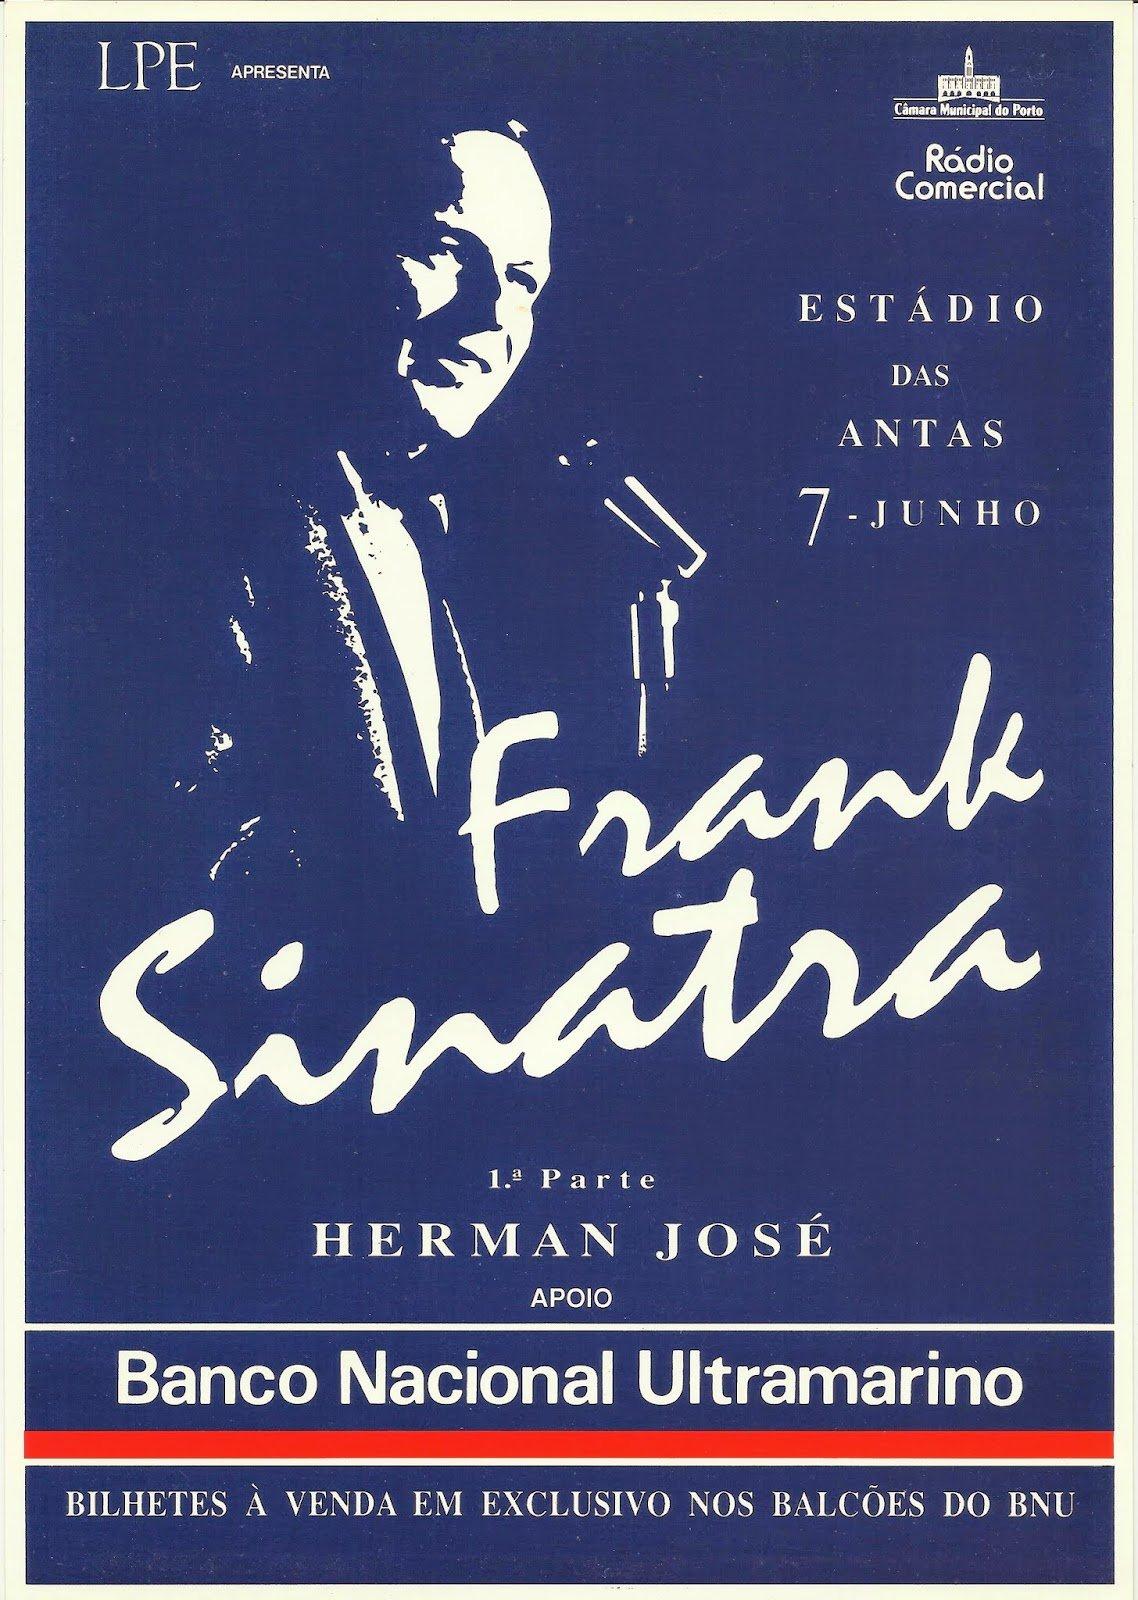 cartaz do concerto de sinatra no porto_ foto de Fernando Peixoto Correia